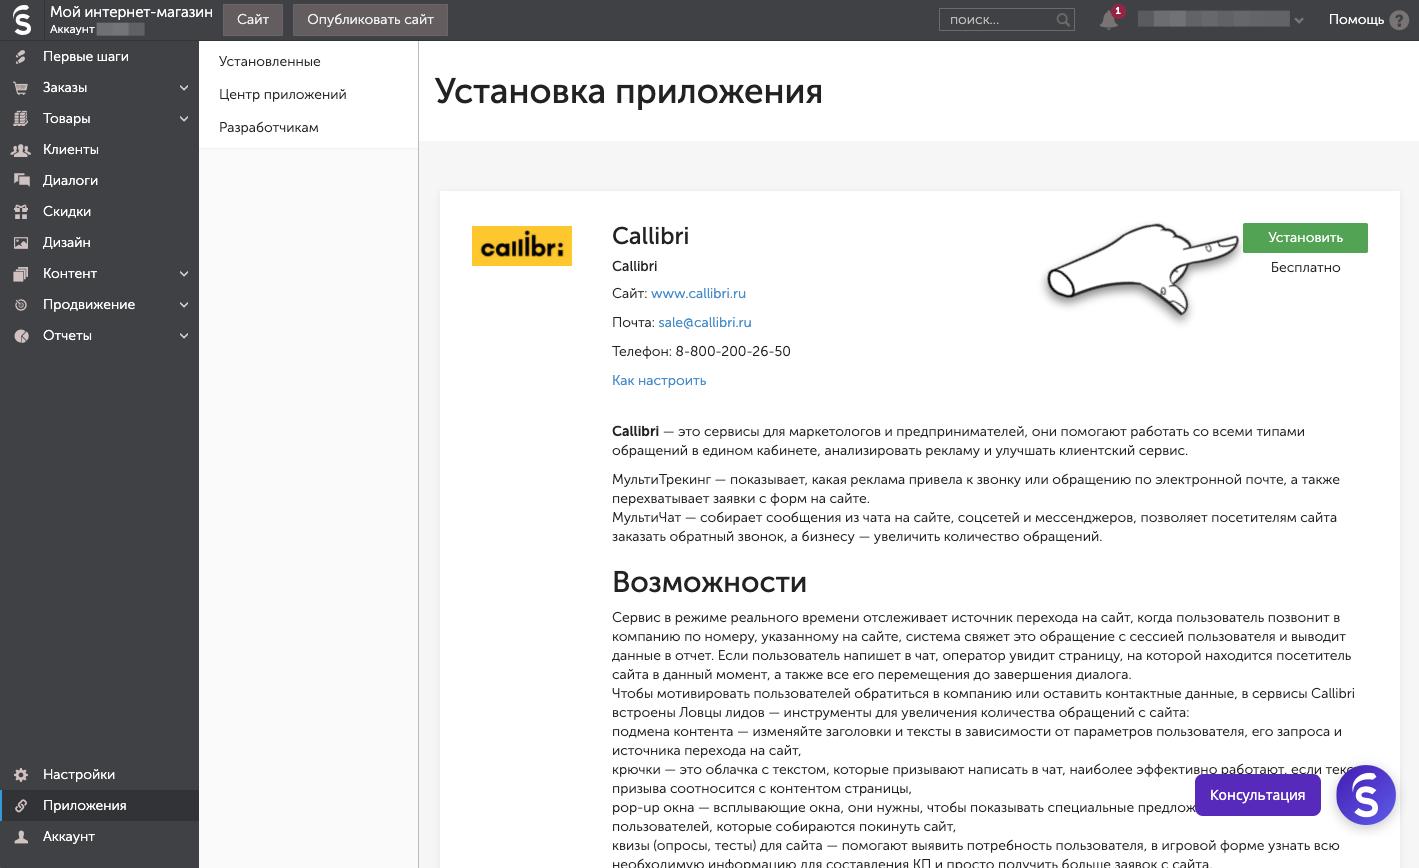 Дизайн без названия - 2020-08-04T200900.353 (1).png